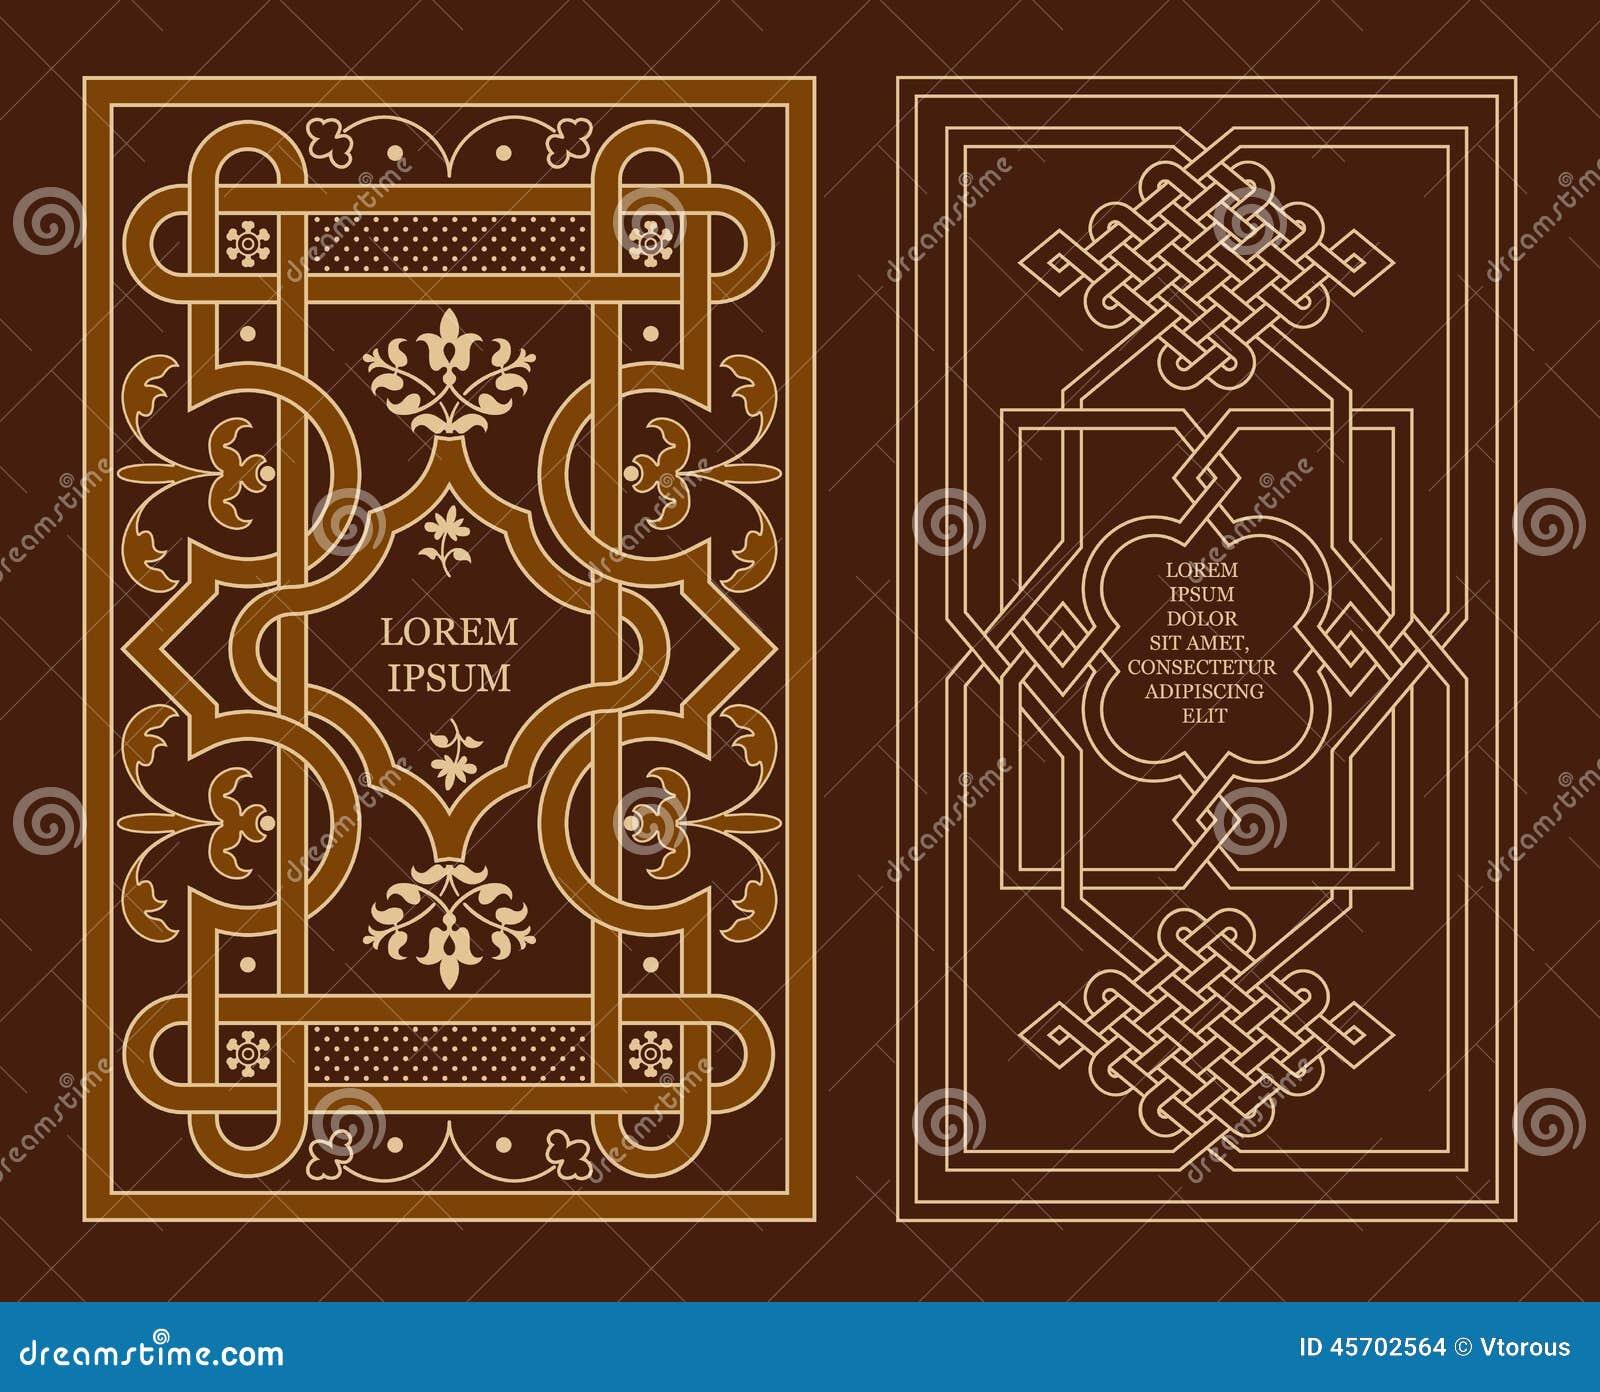 Book Cover Design Arabic : Arabic decoration stock photo image